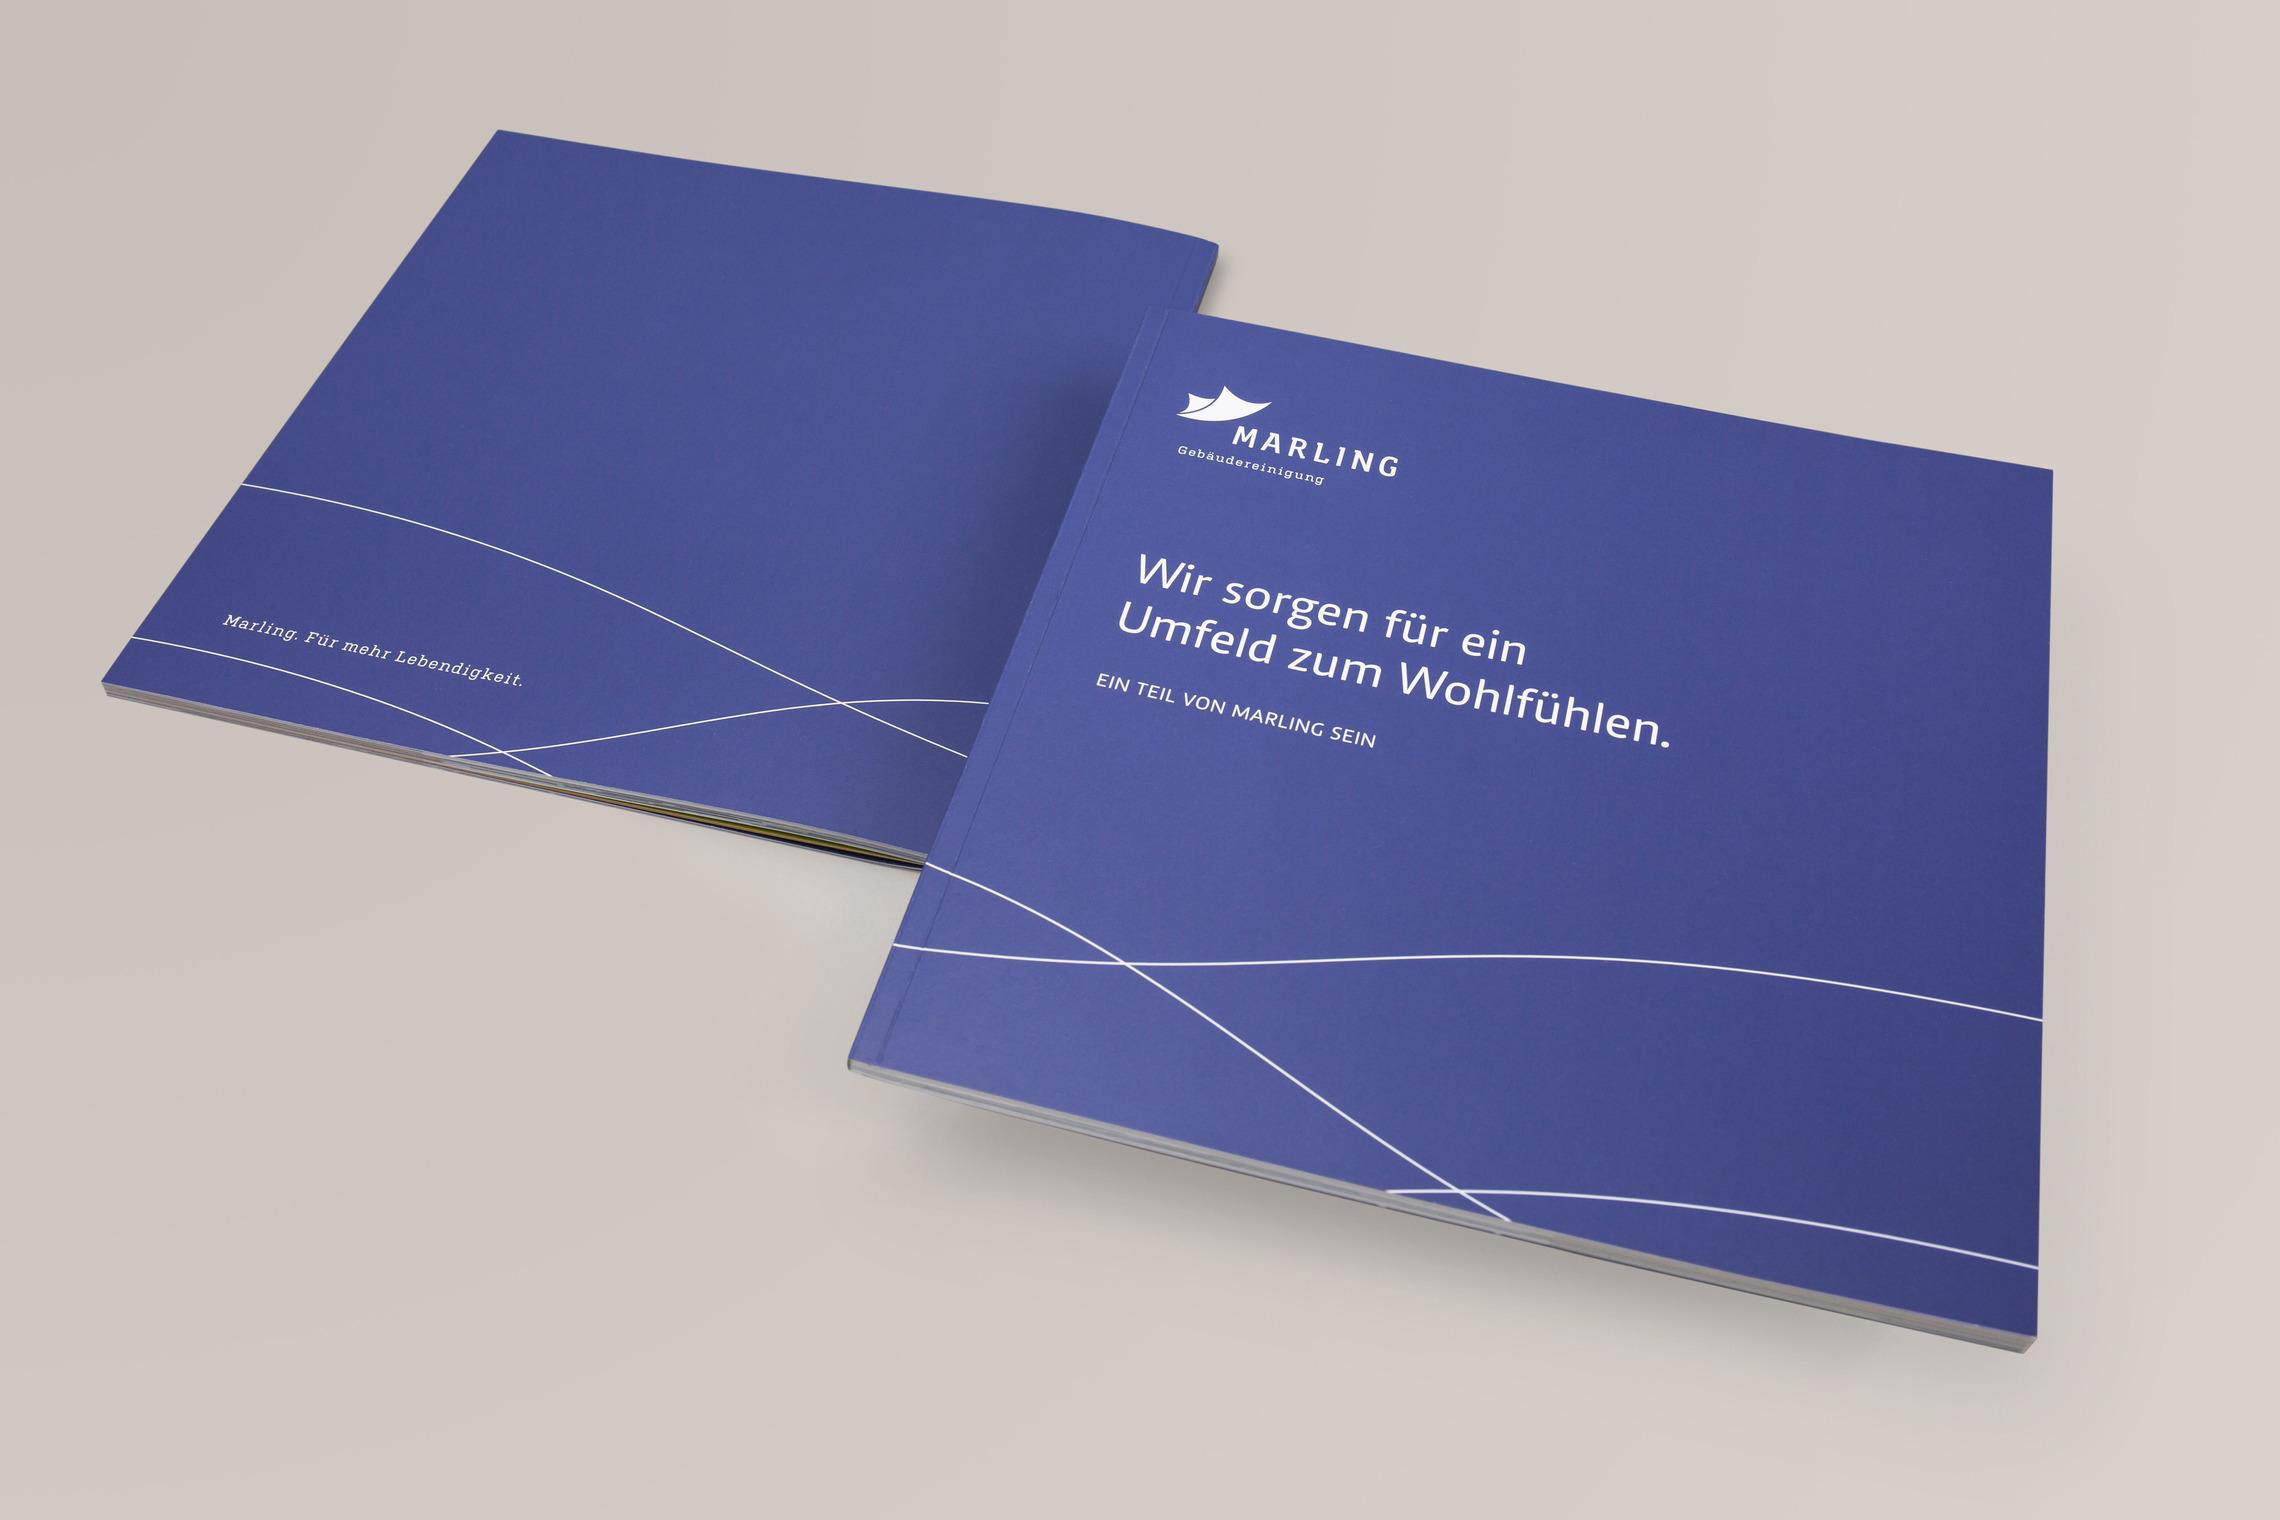 Für künftige Mitarbeiter wurde eine eigeen Broschüre entwickelt, die die MARLING Unternehmenswelt ausführlich portraitiert.